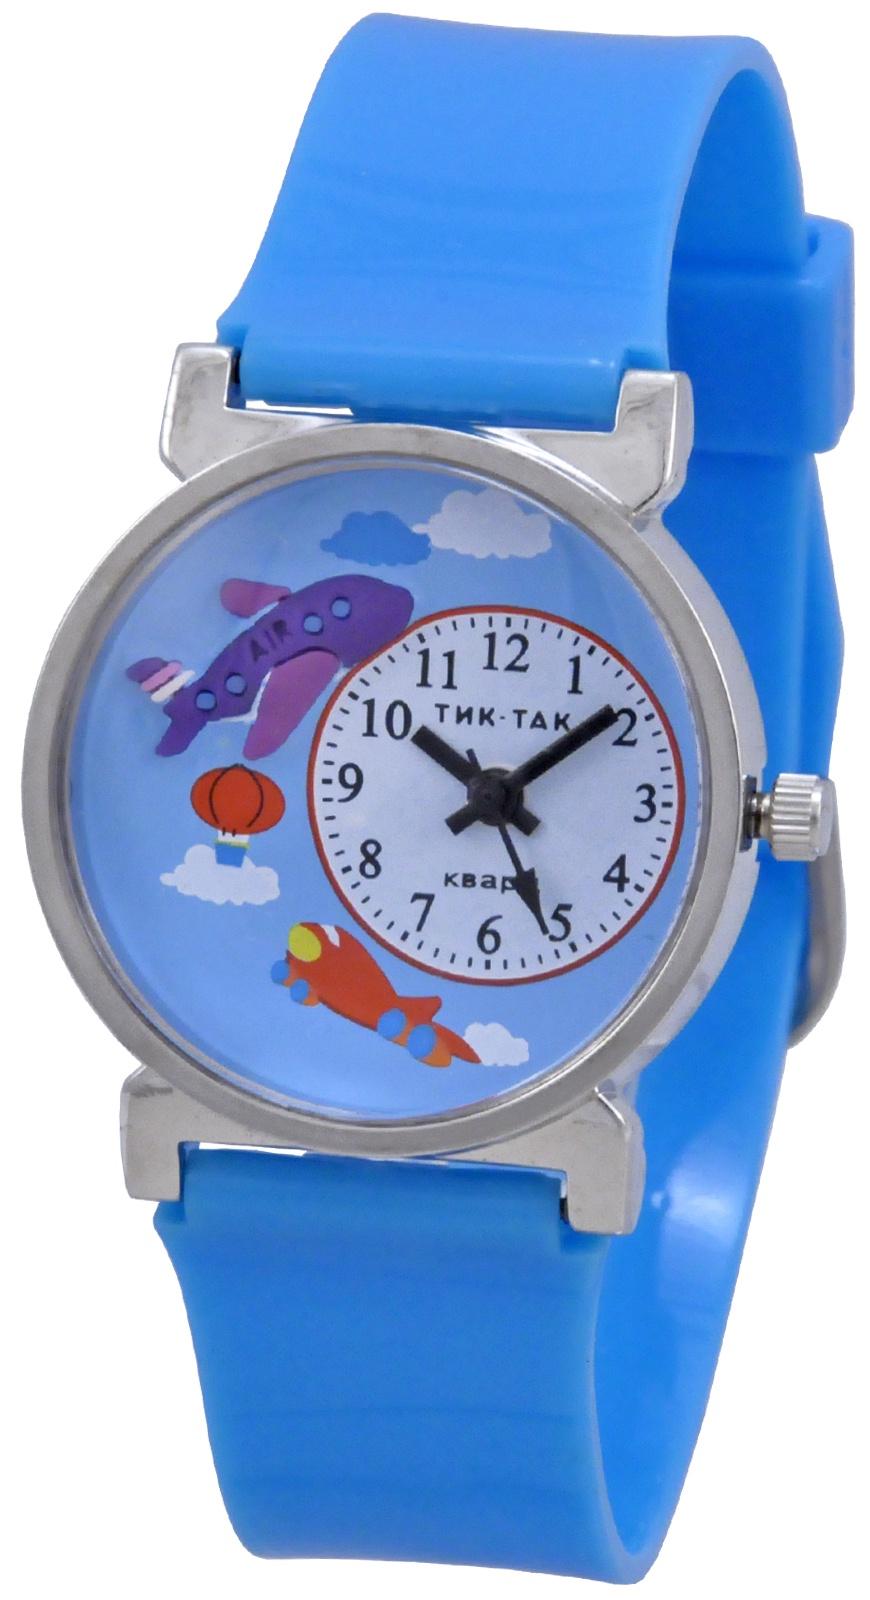 Наручные часы Тик-Так Н103-1 самолет цена и фото